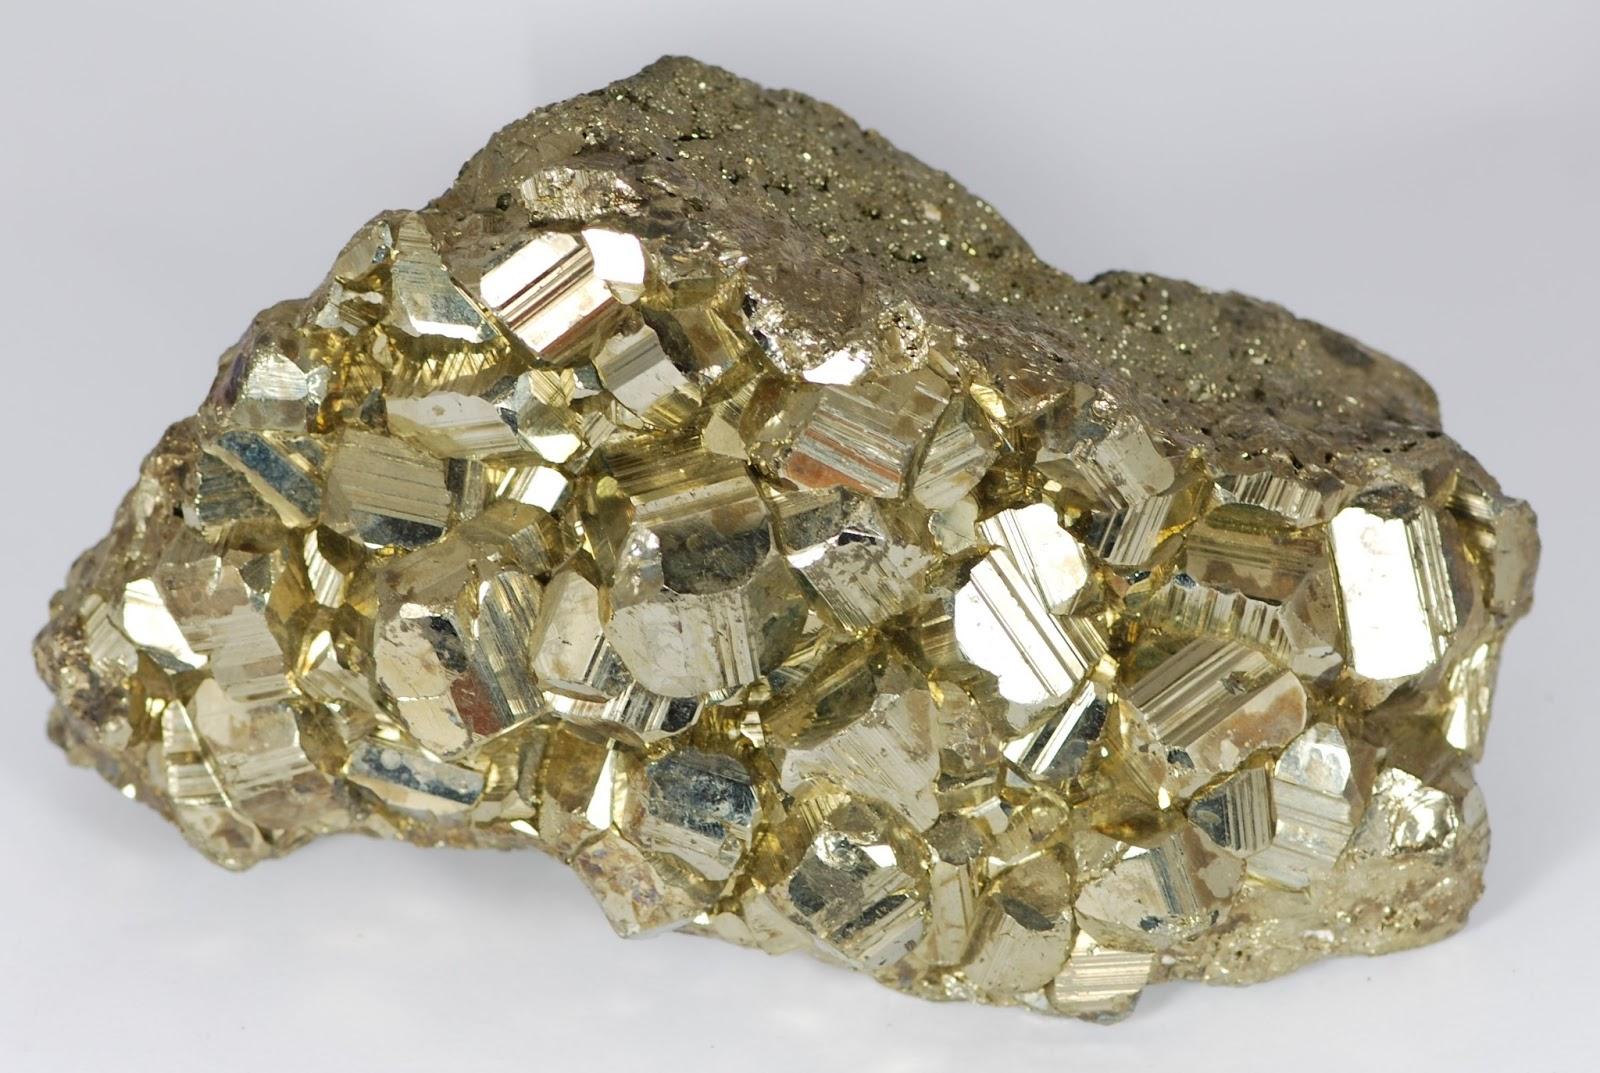 Resultado de imagem para pirite mineral